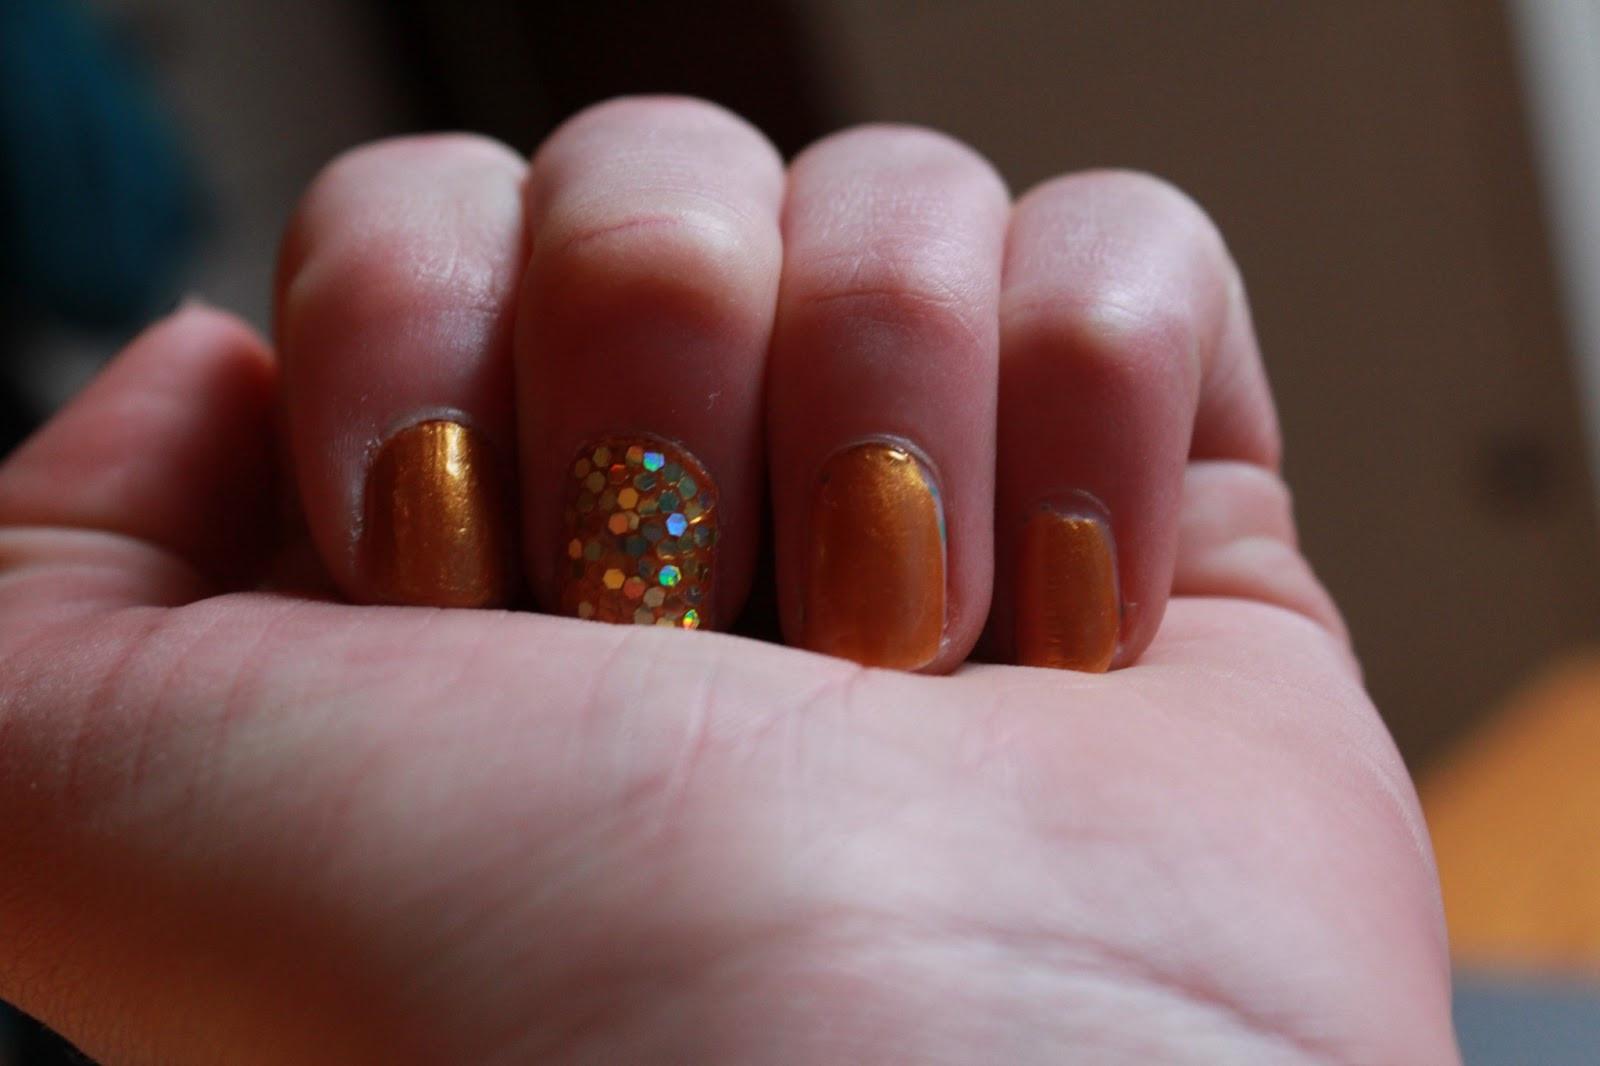 Nageldesign Gold  I found my love Nageldesign gold Glitter